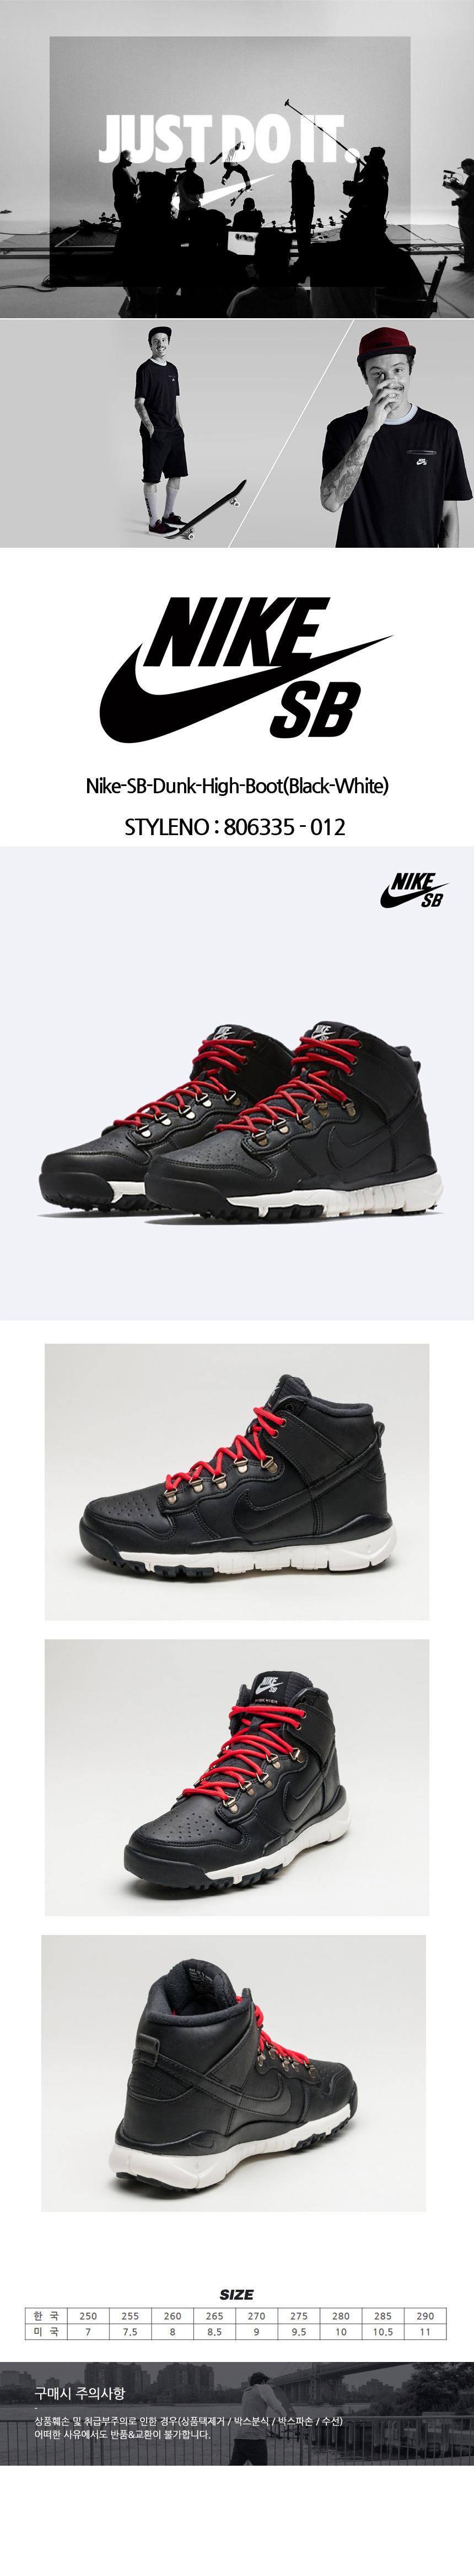 나이키(NIKE) Nike-SB-Dunk-High-Boot(Black-White)